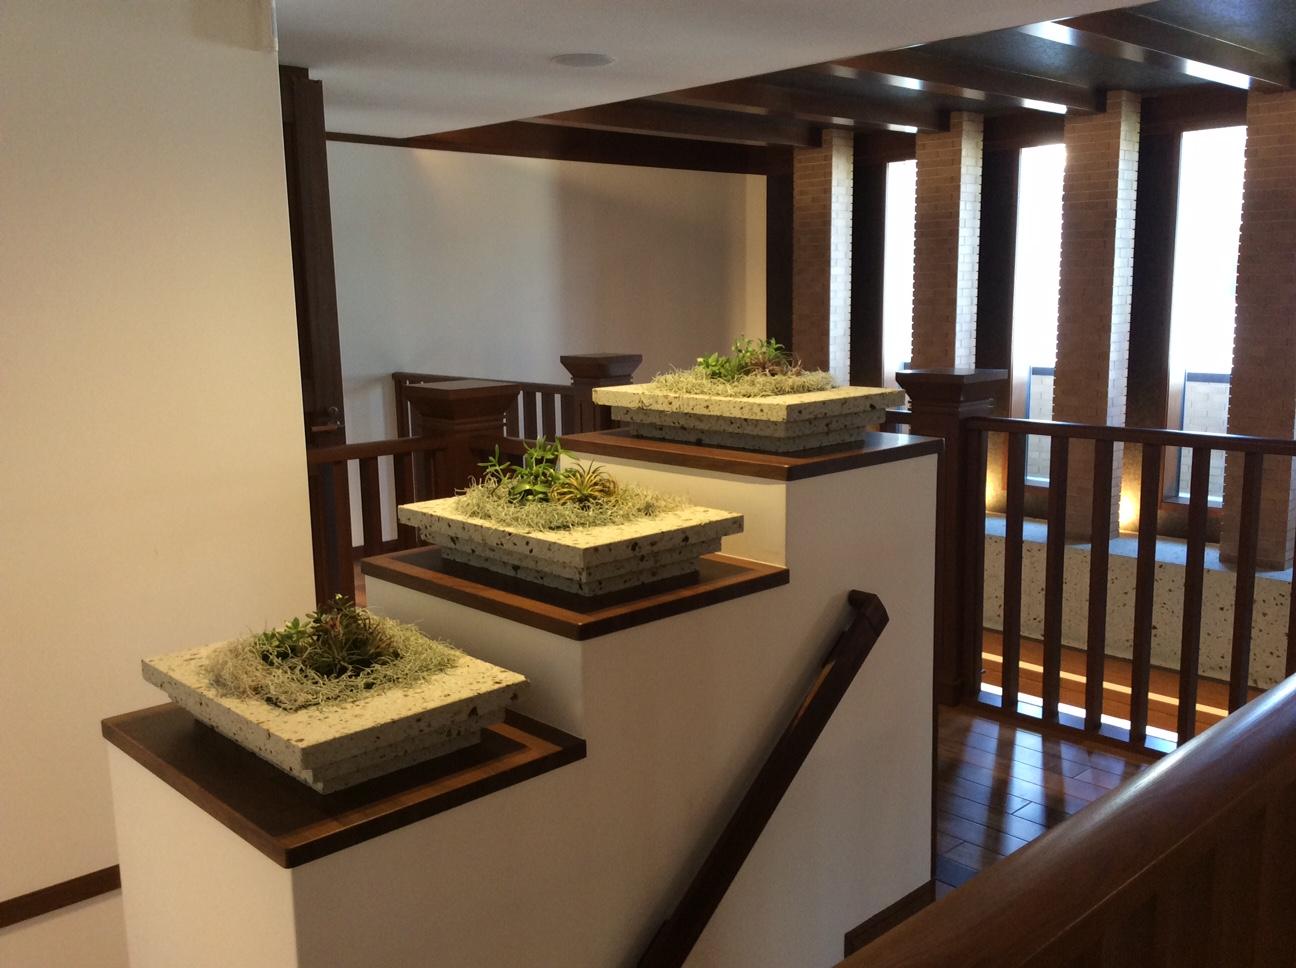 階段のところにはちょっとした大谷石と植物のオブジェを置きました。とてもよく合います。